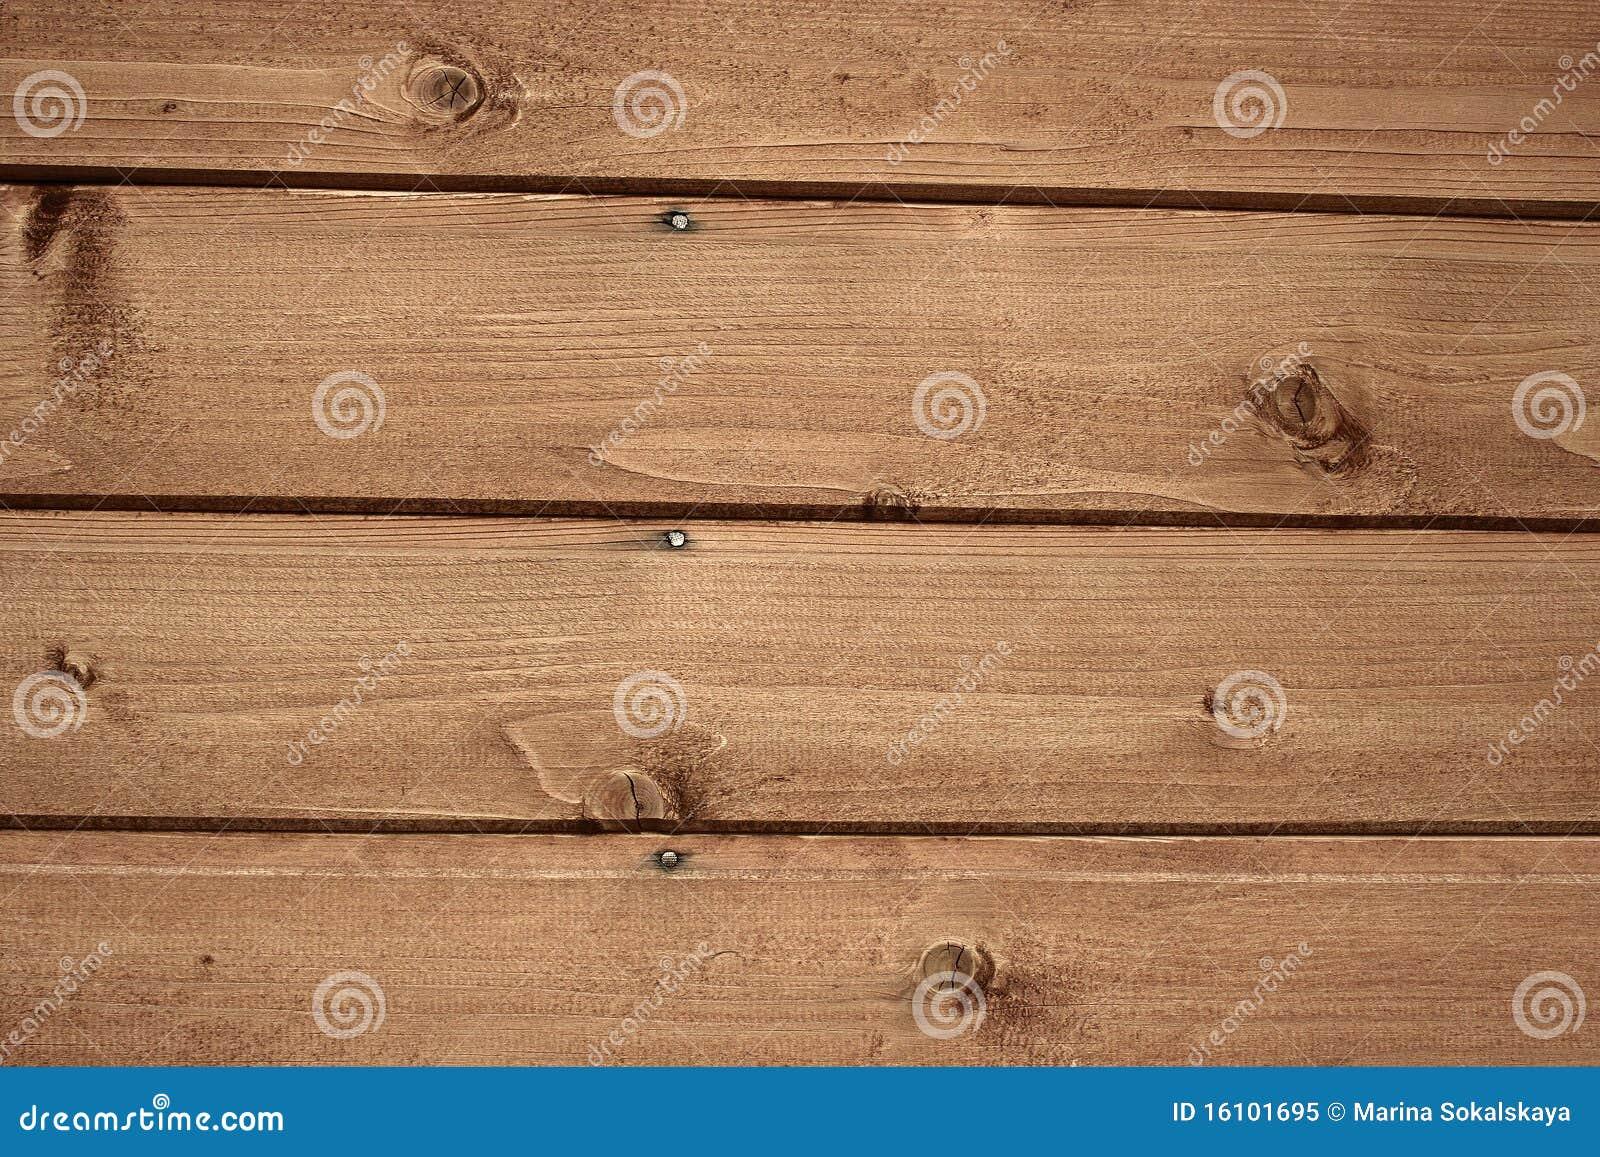 Fragnent da parede de madeira com pregos